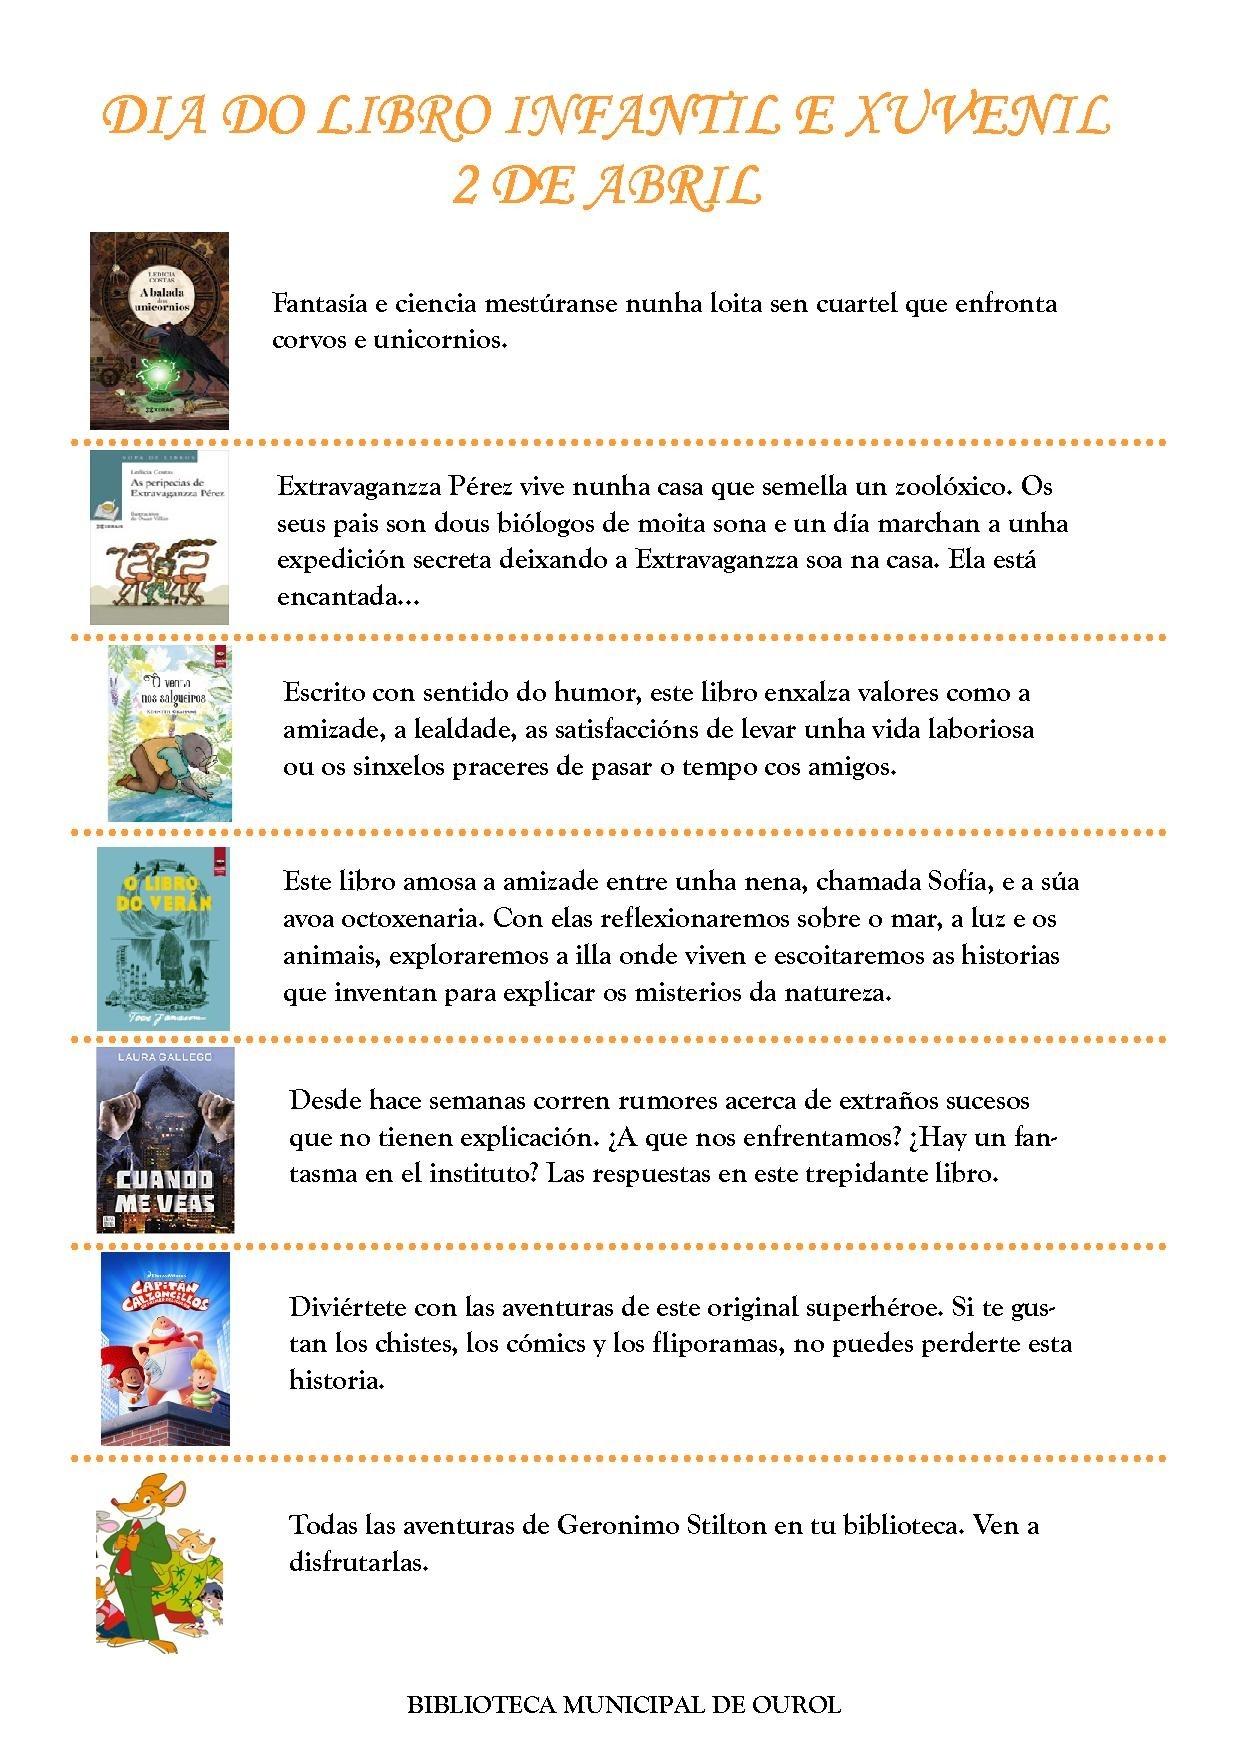 Calendario Escolar 2020 Xunta De Galicia Más Reciente Ourol Informa Servicio De Unicaci³n Va Web Of Calendario Escolar 2020 Xunta De Galicia Más Arriba-a-fecha Calaméo Carreteras Nºm 167 Carreteras Y Cambio Climático